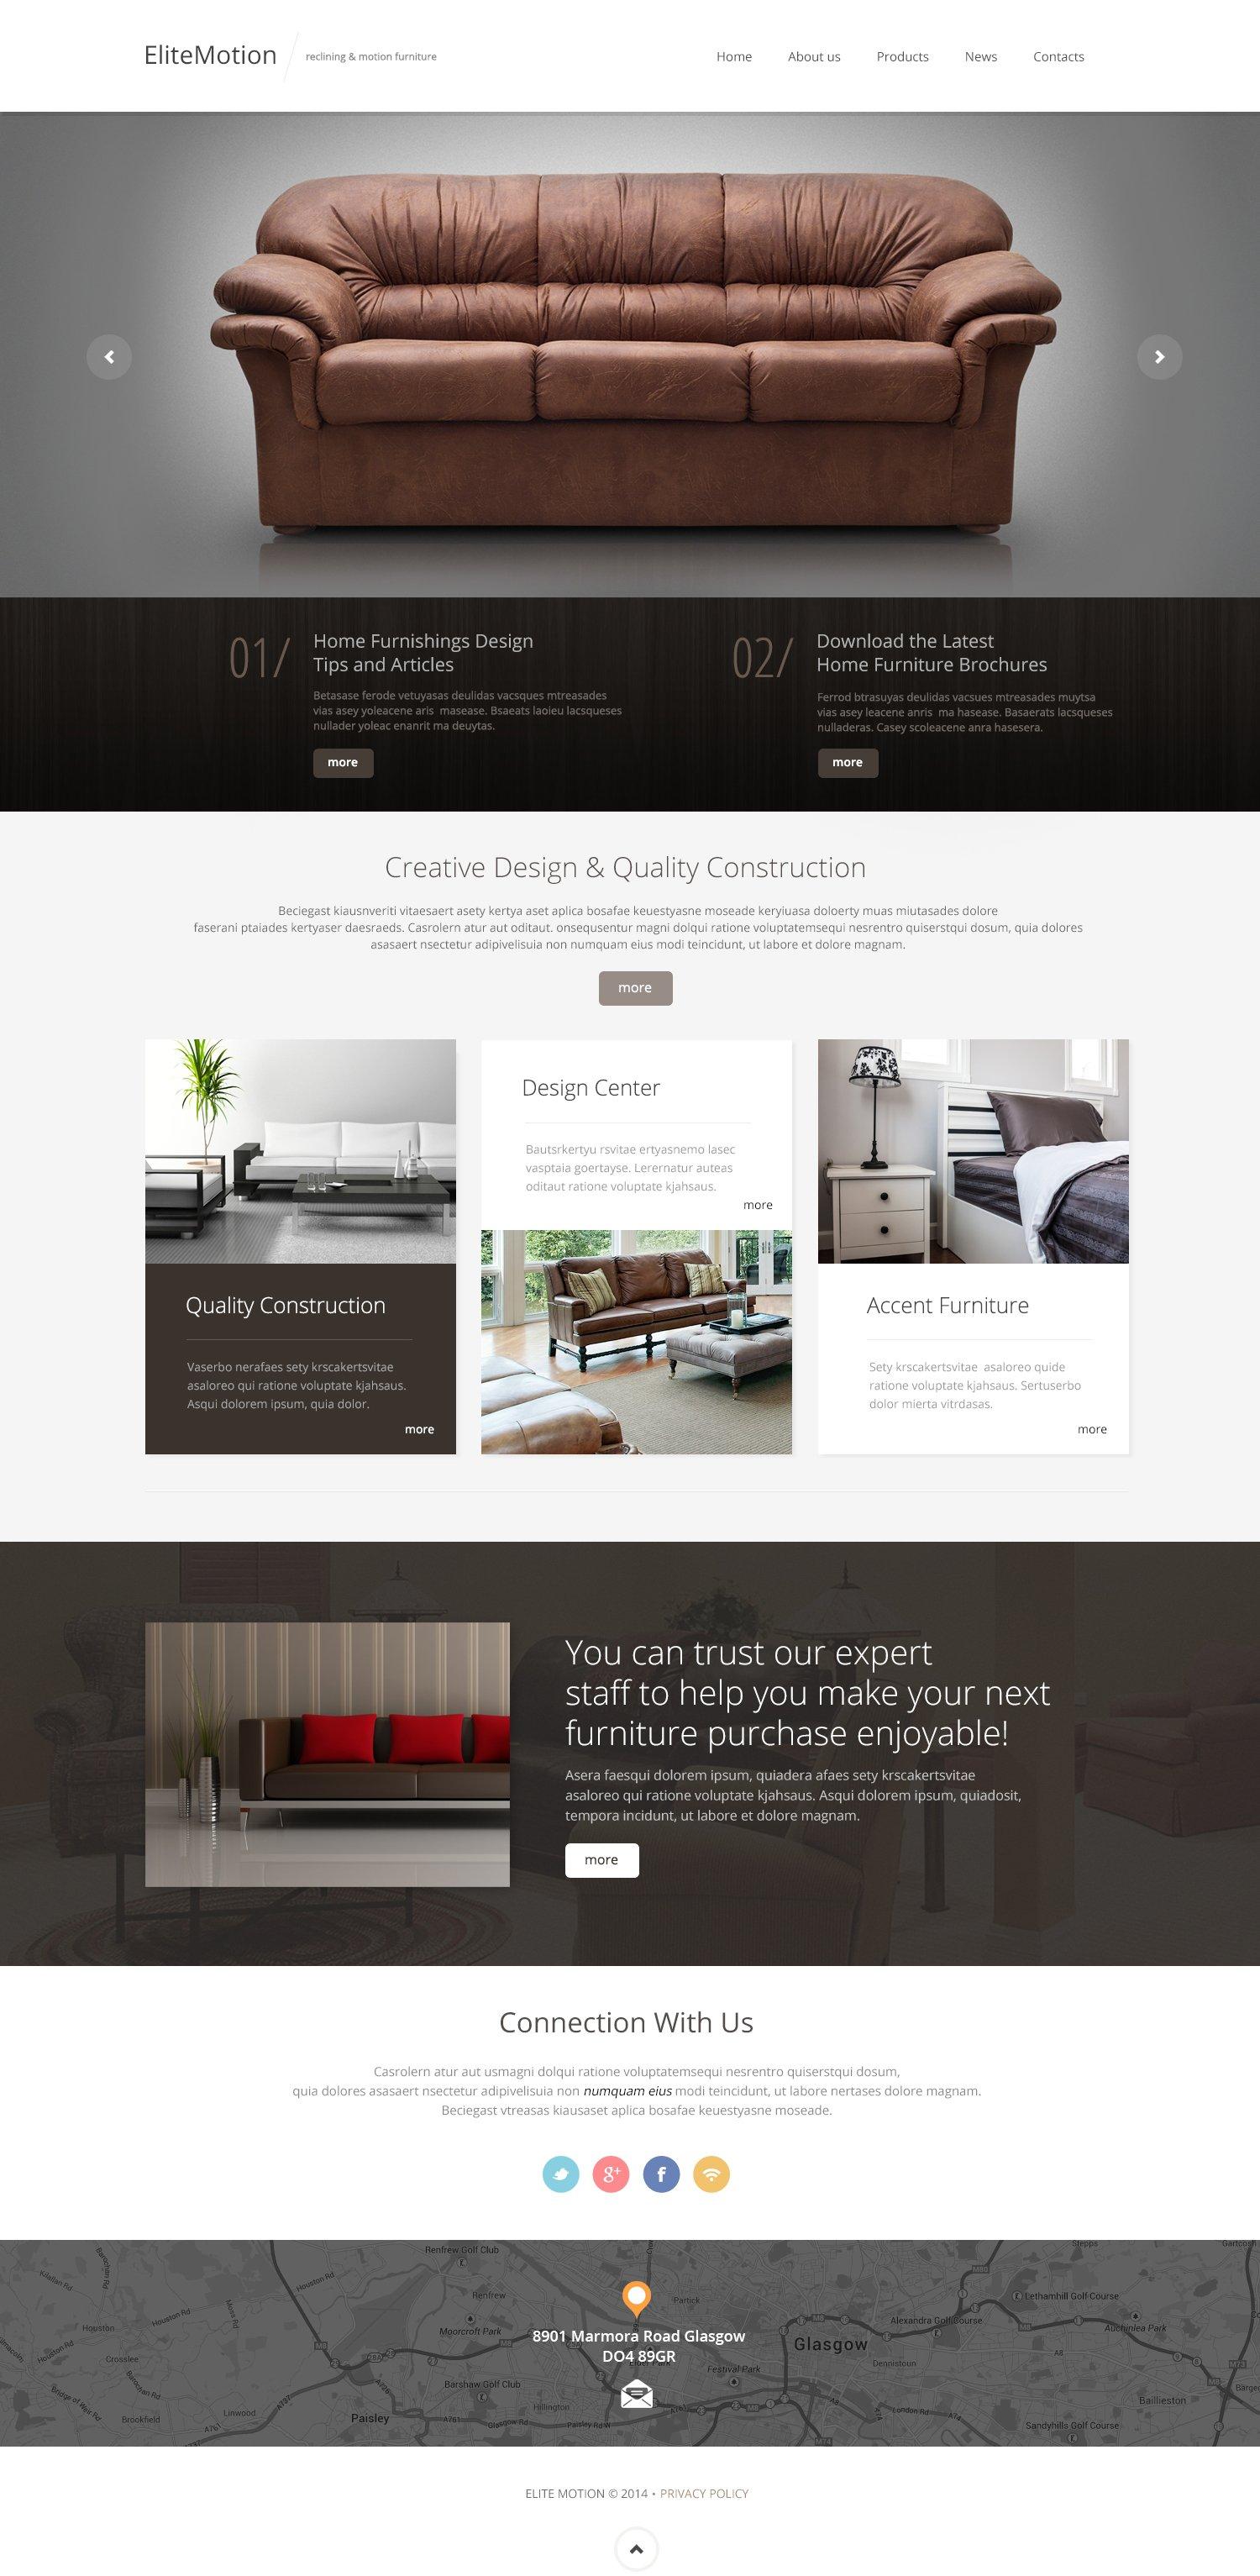 Modèle Web adaptatif pour site de meubles #49338 - screenshot